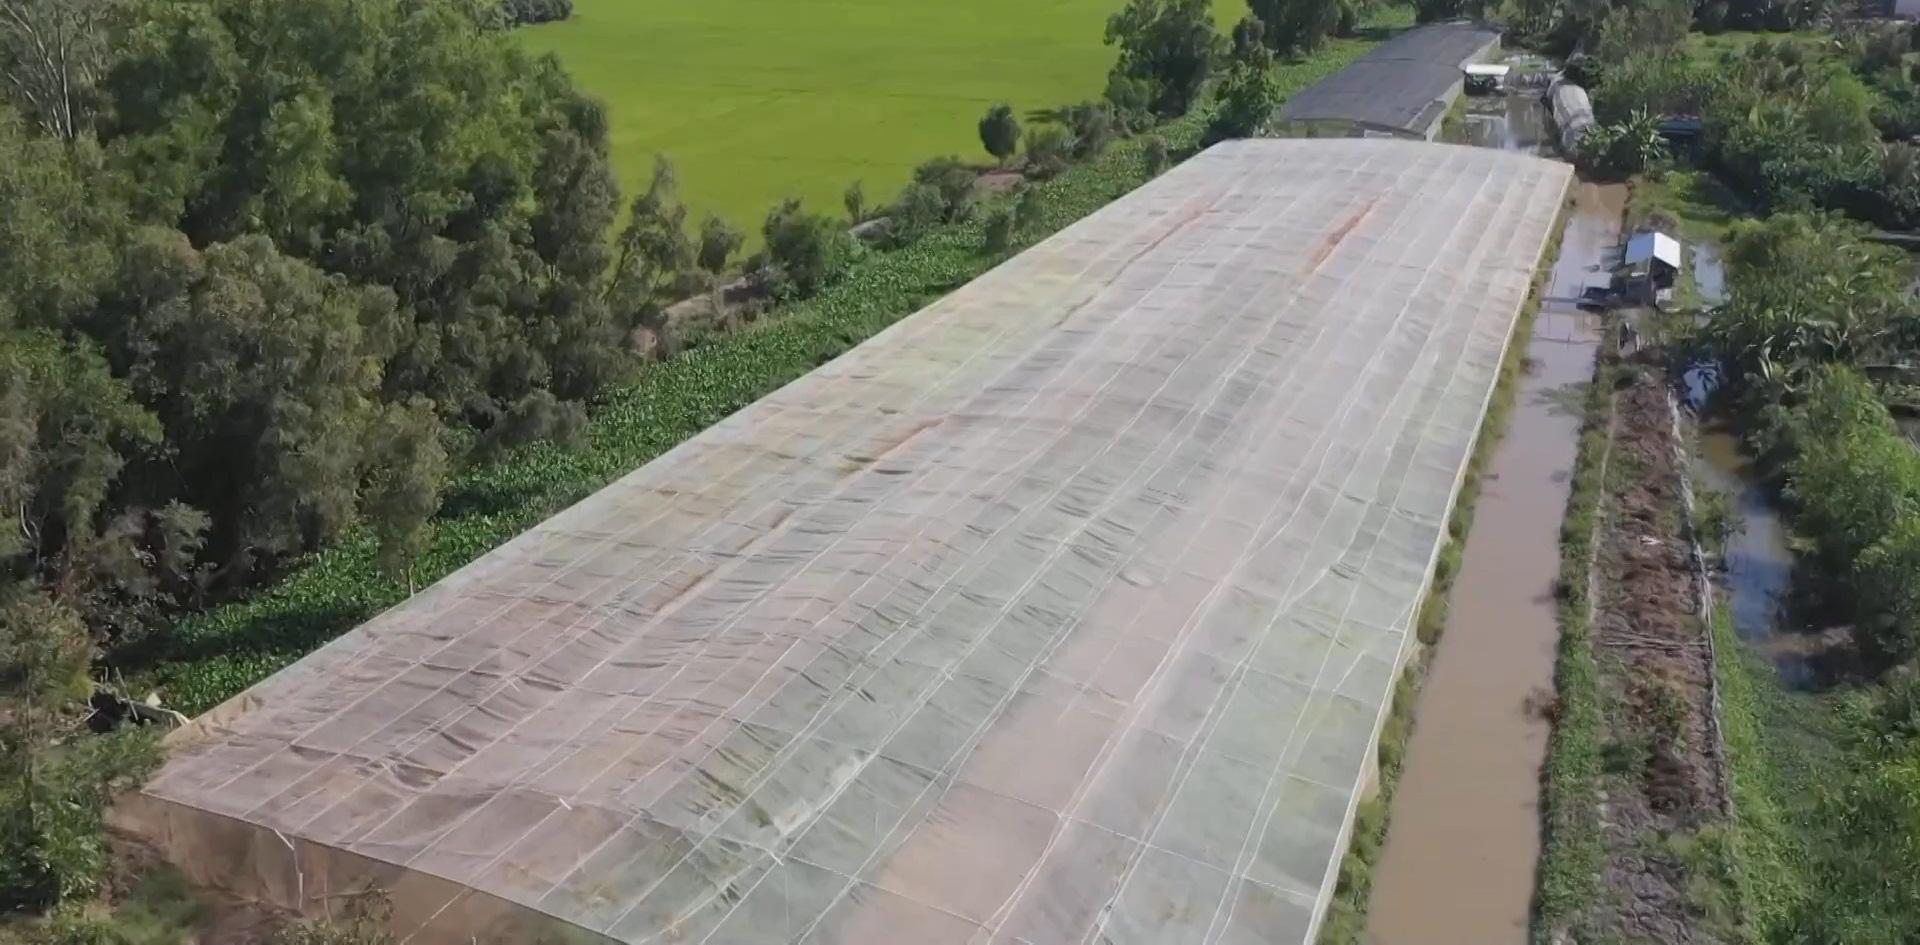 Áp dụng công nghệ 4.0 trồng rau sạch, anh nông dân ung dung thu về 200 triệu/năm - Ảnh 2.